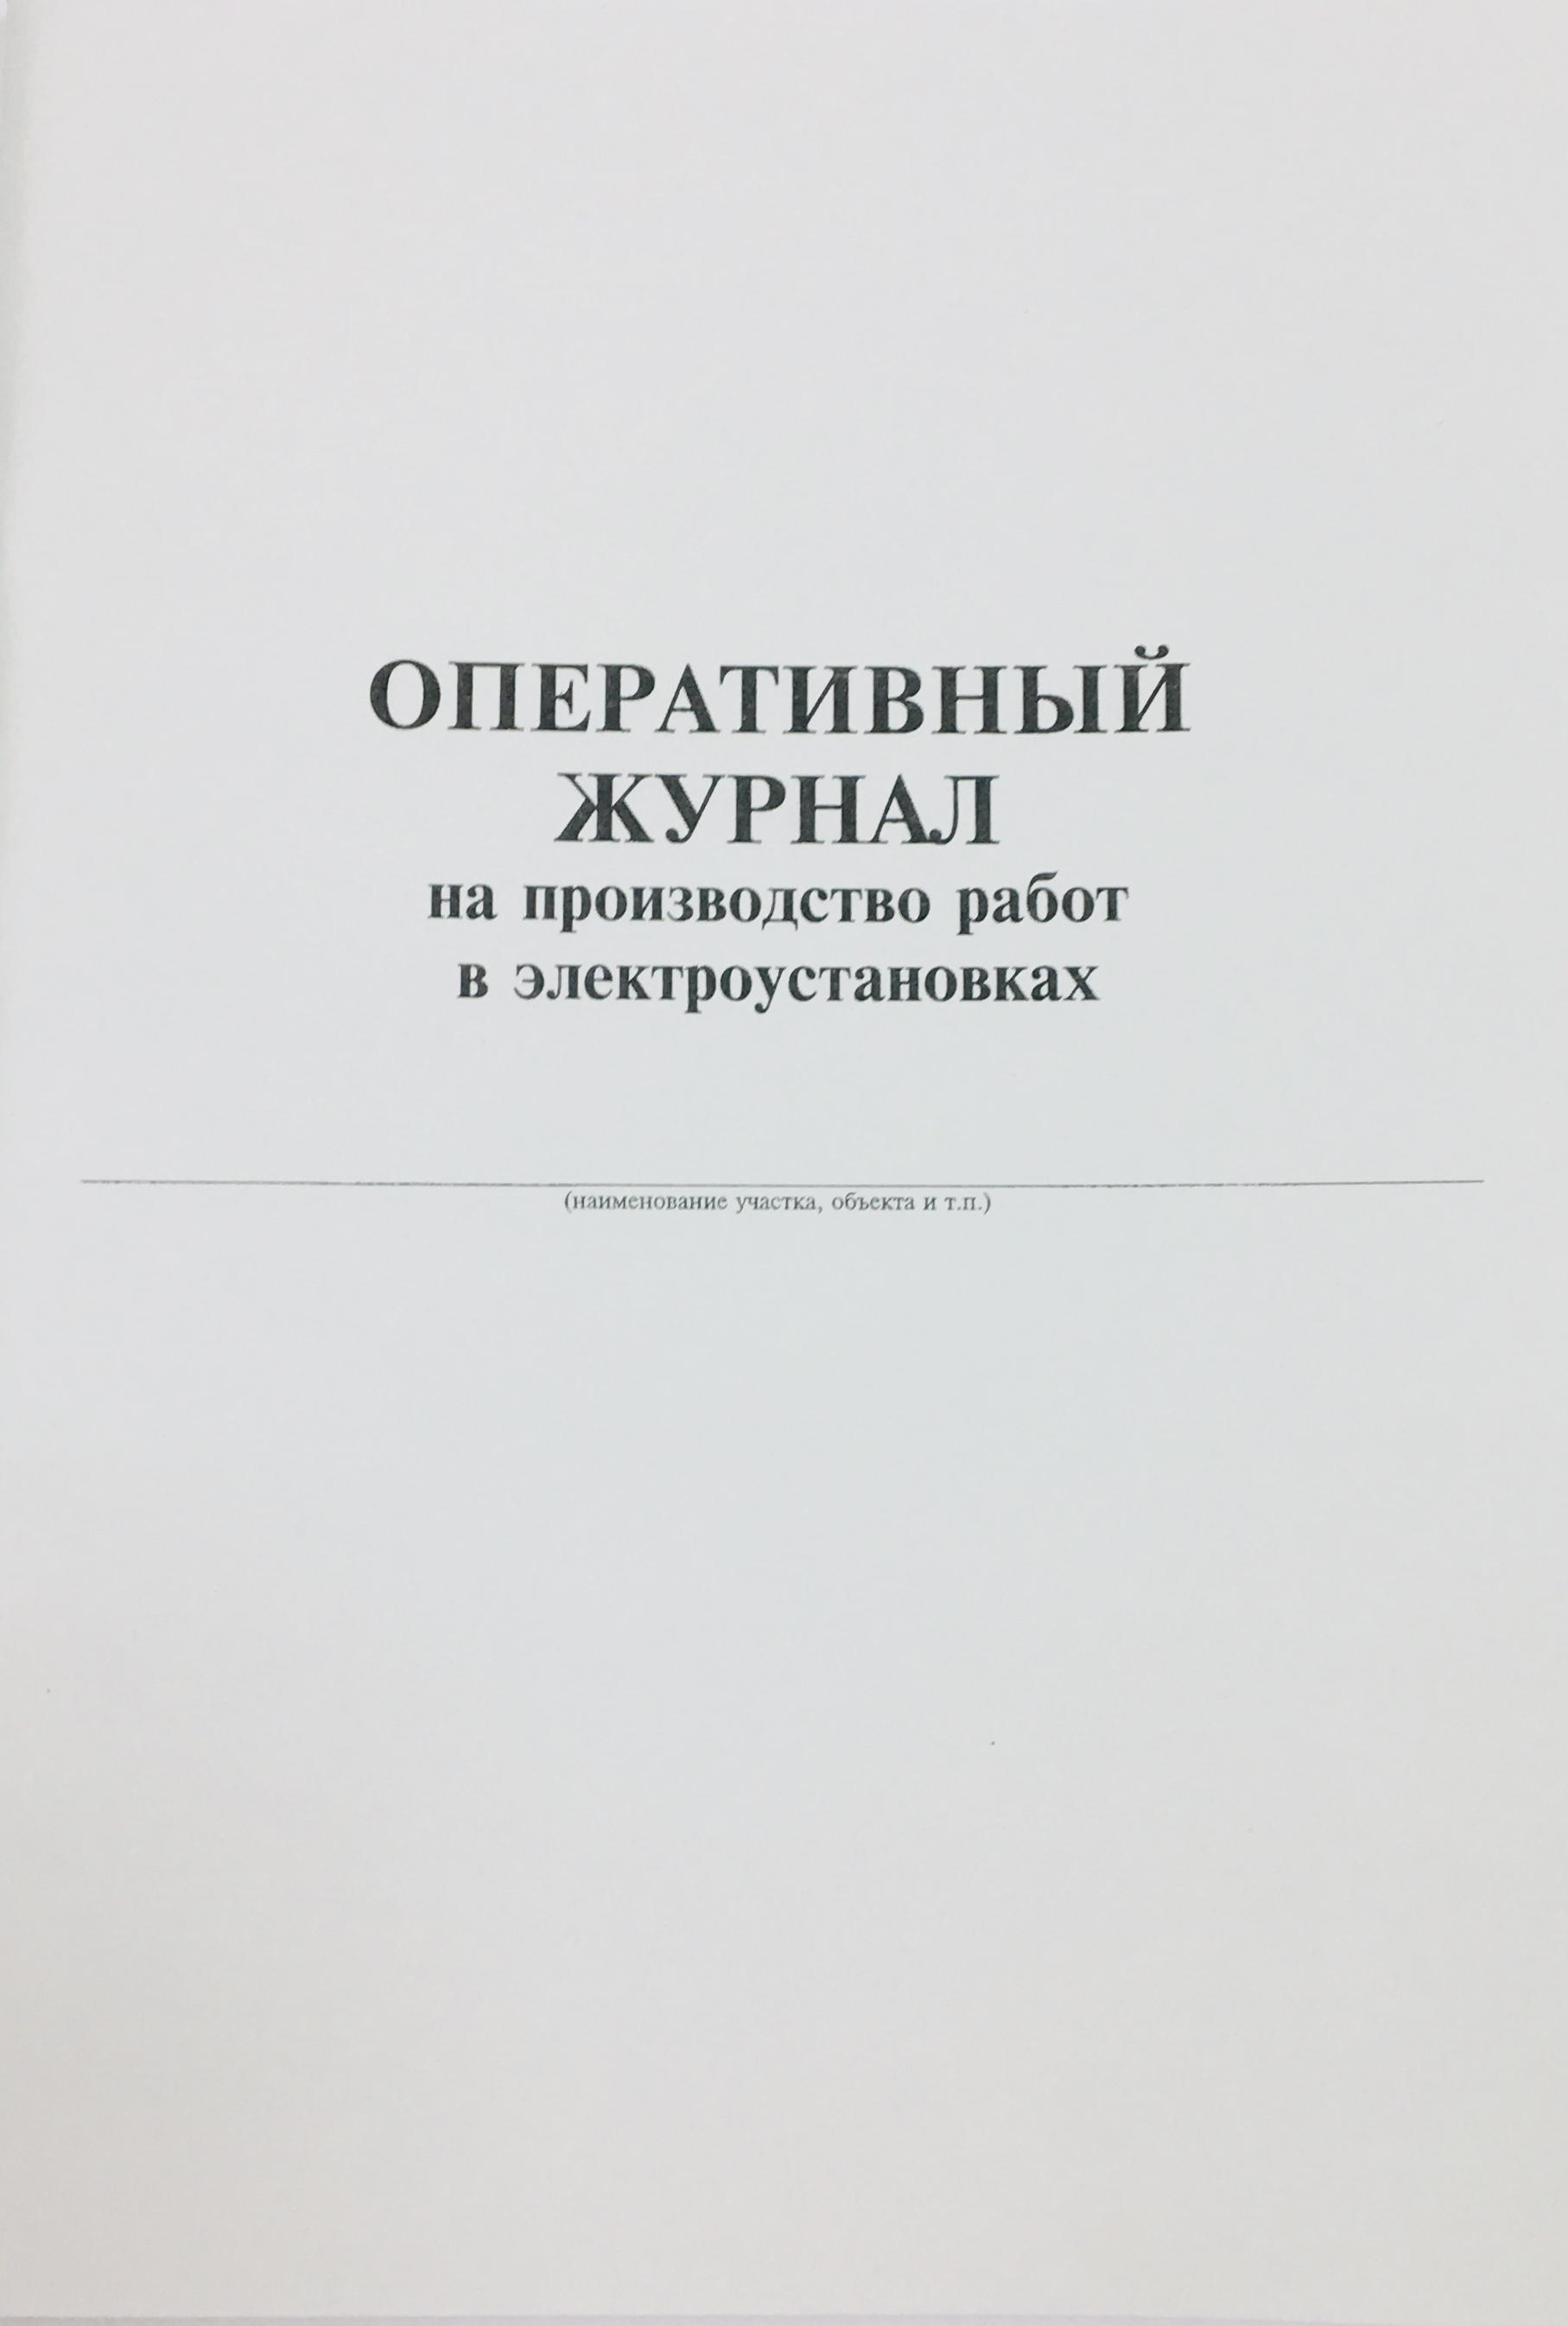 Оперативный журнал на производ. работ в электроустановках